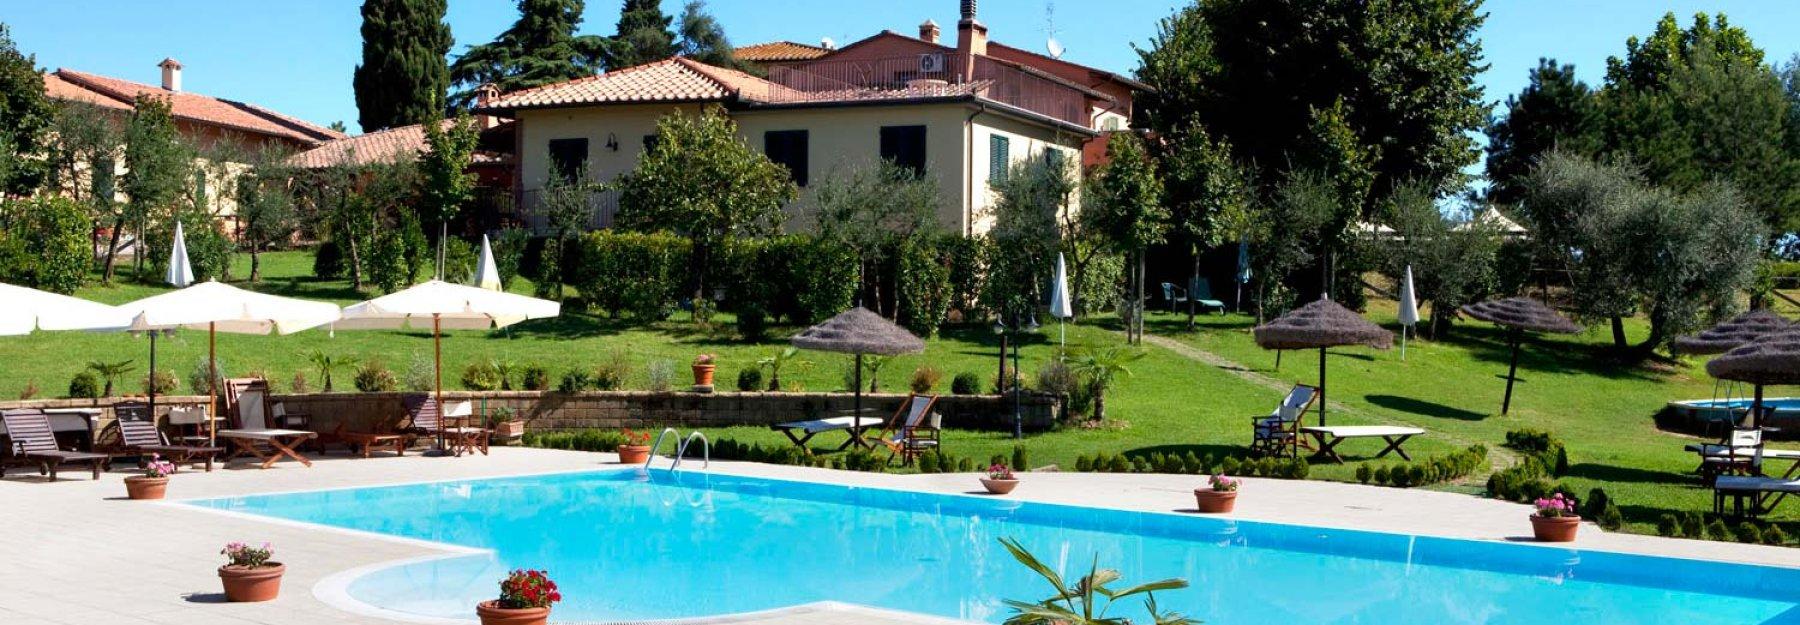 8520419a2b Tenuta e Agriturismo Vacanze Assia : Bimbo in Viaggio (Sito Ufficiale)  Hotel per bambini – Hotel per famiglie – Alberghi per famiglie